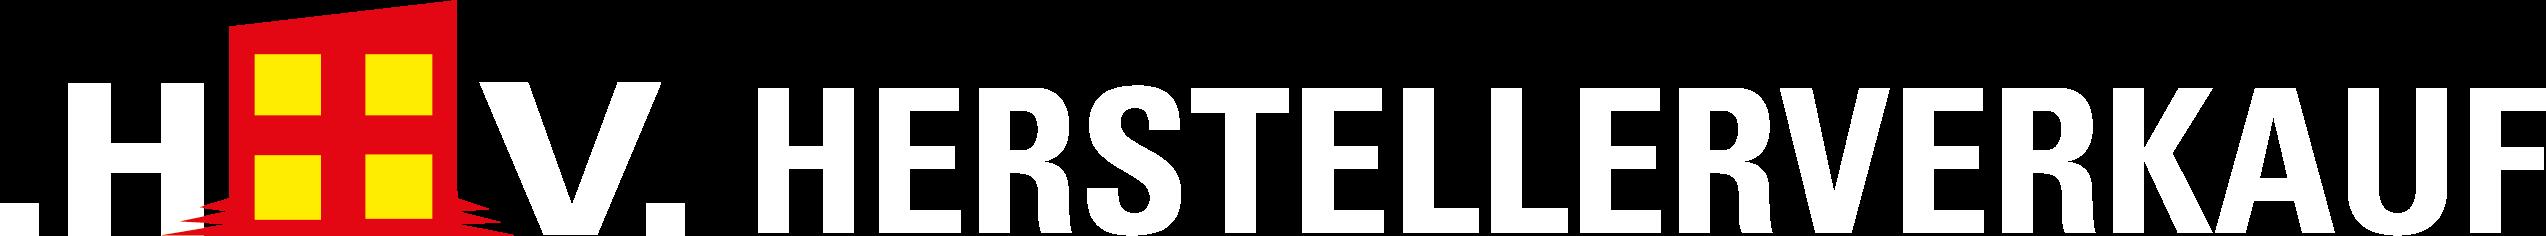 Logo Herstellerverkauf quer